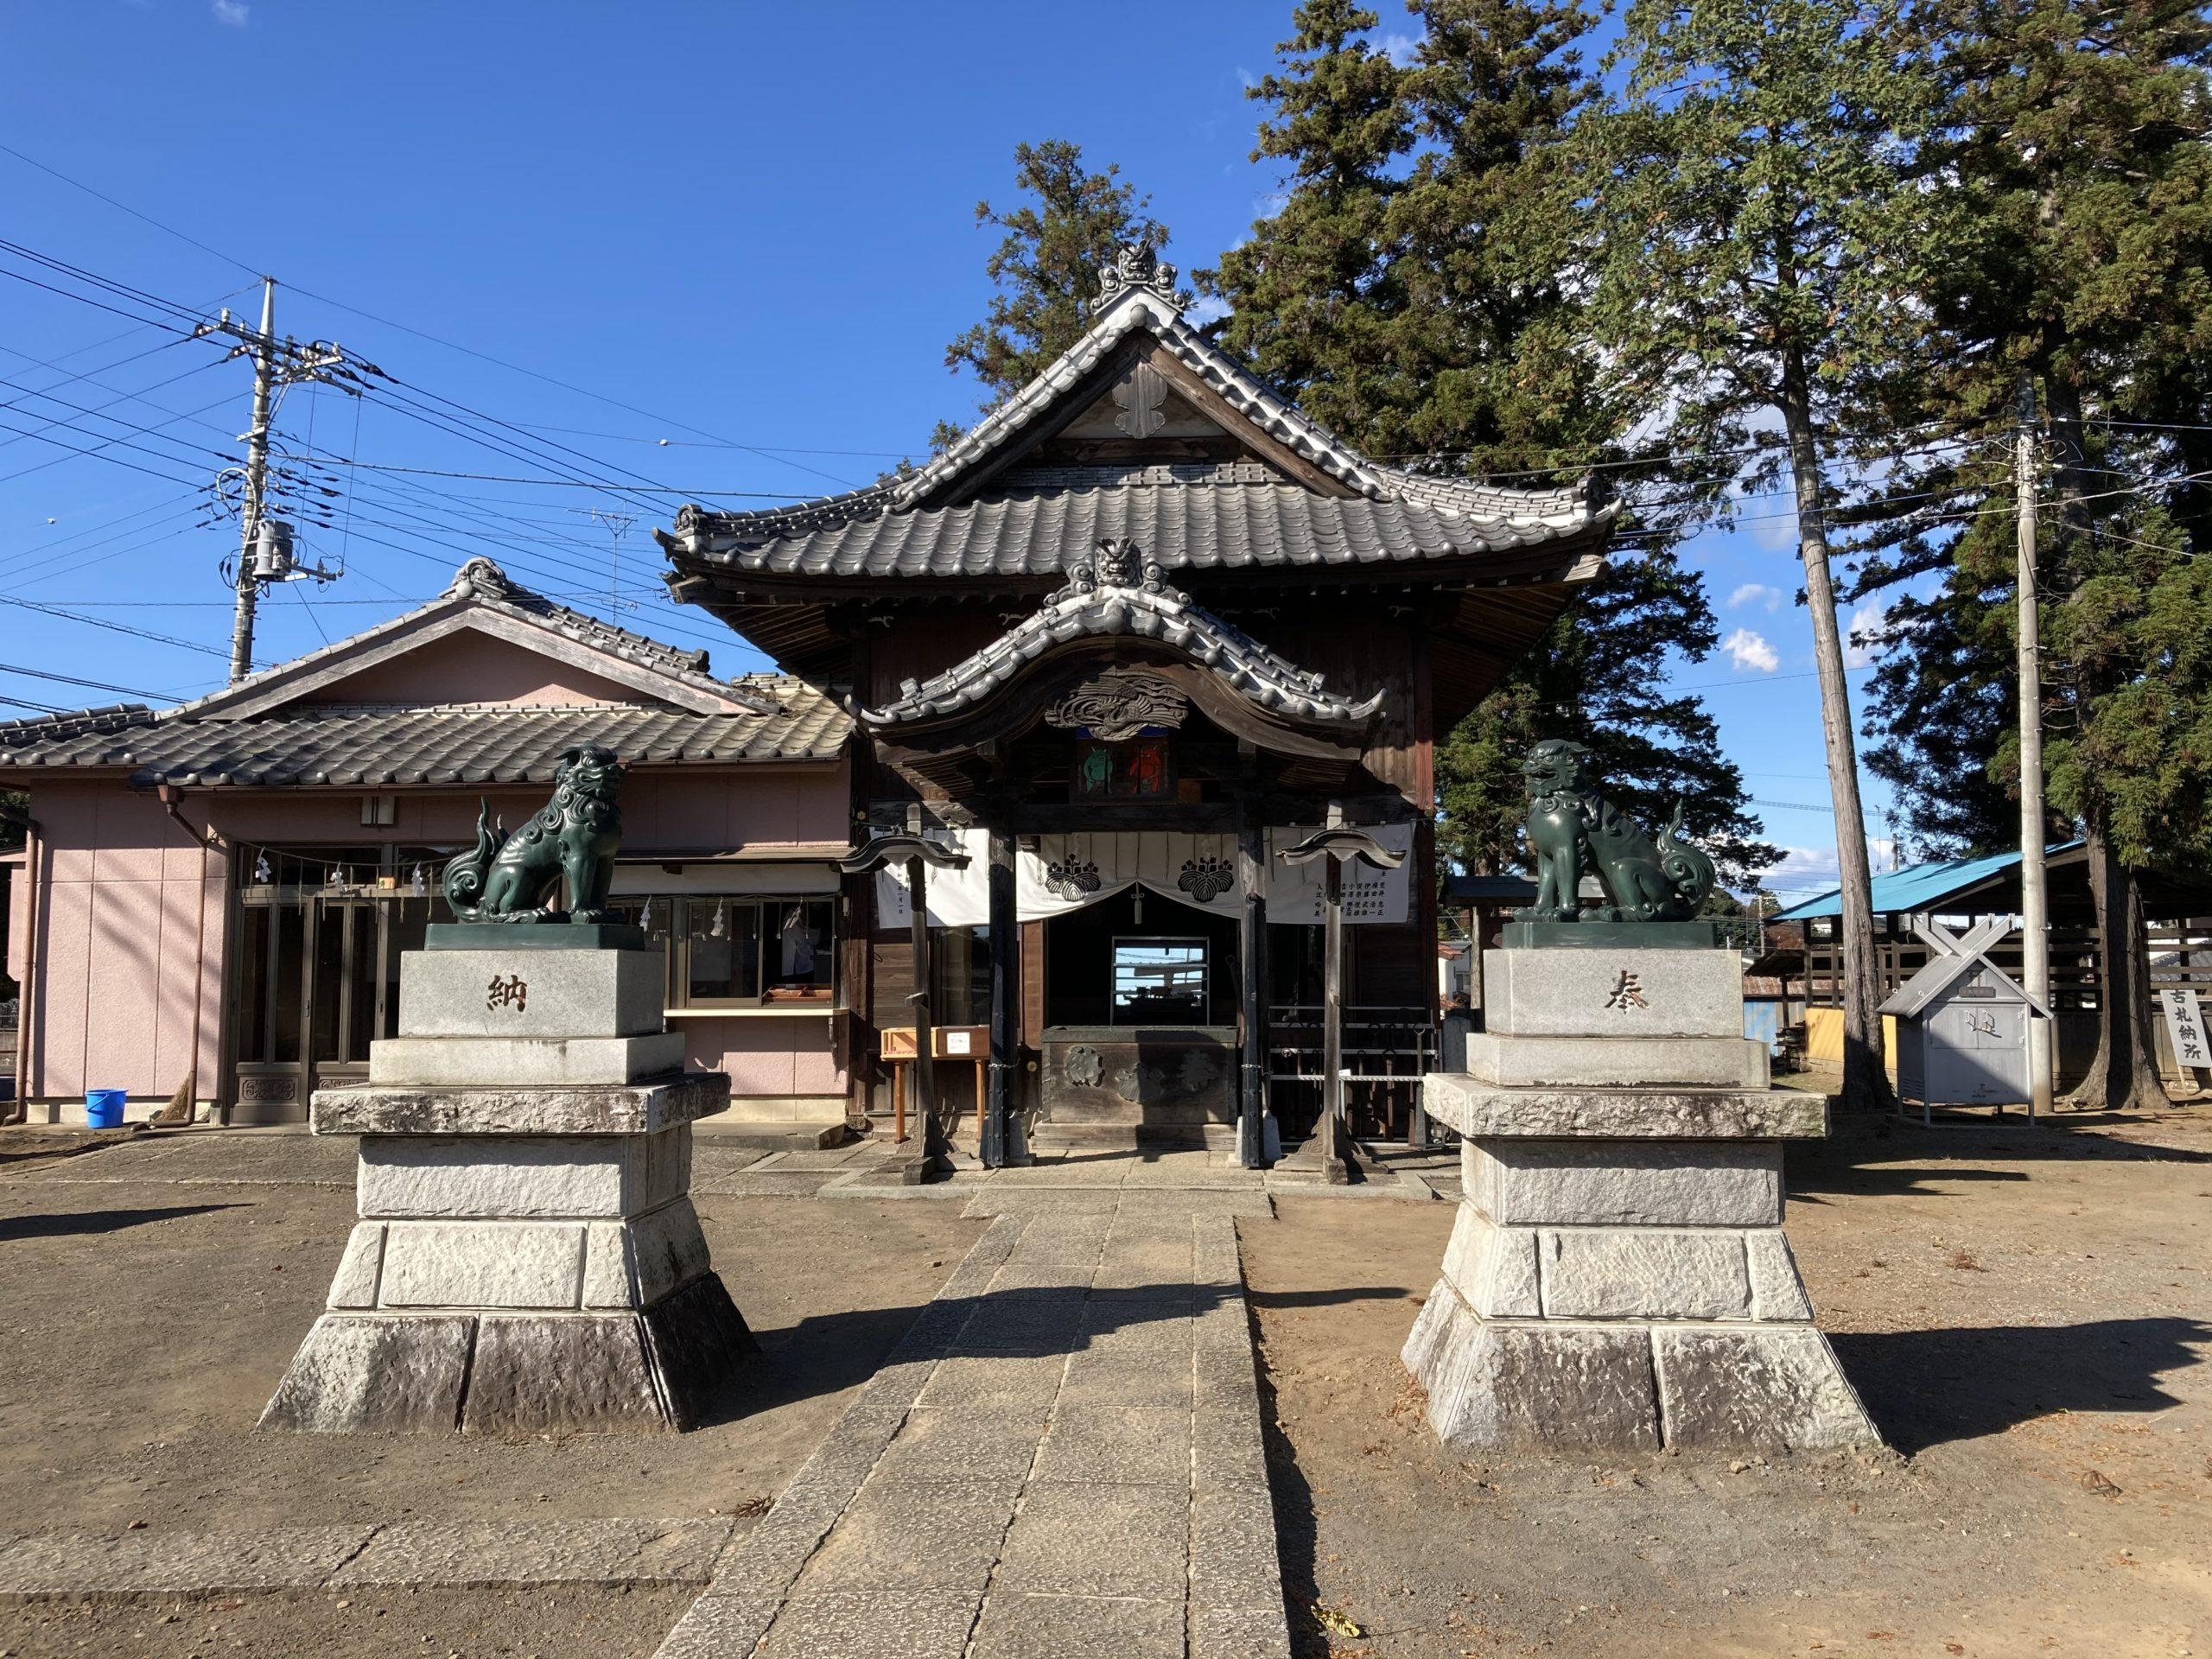 いざ武州の嵐山町 その7 鬼祀る珍社ー鬼鎮神社